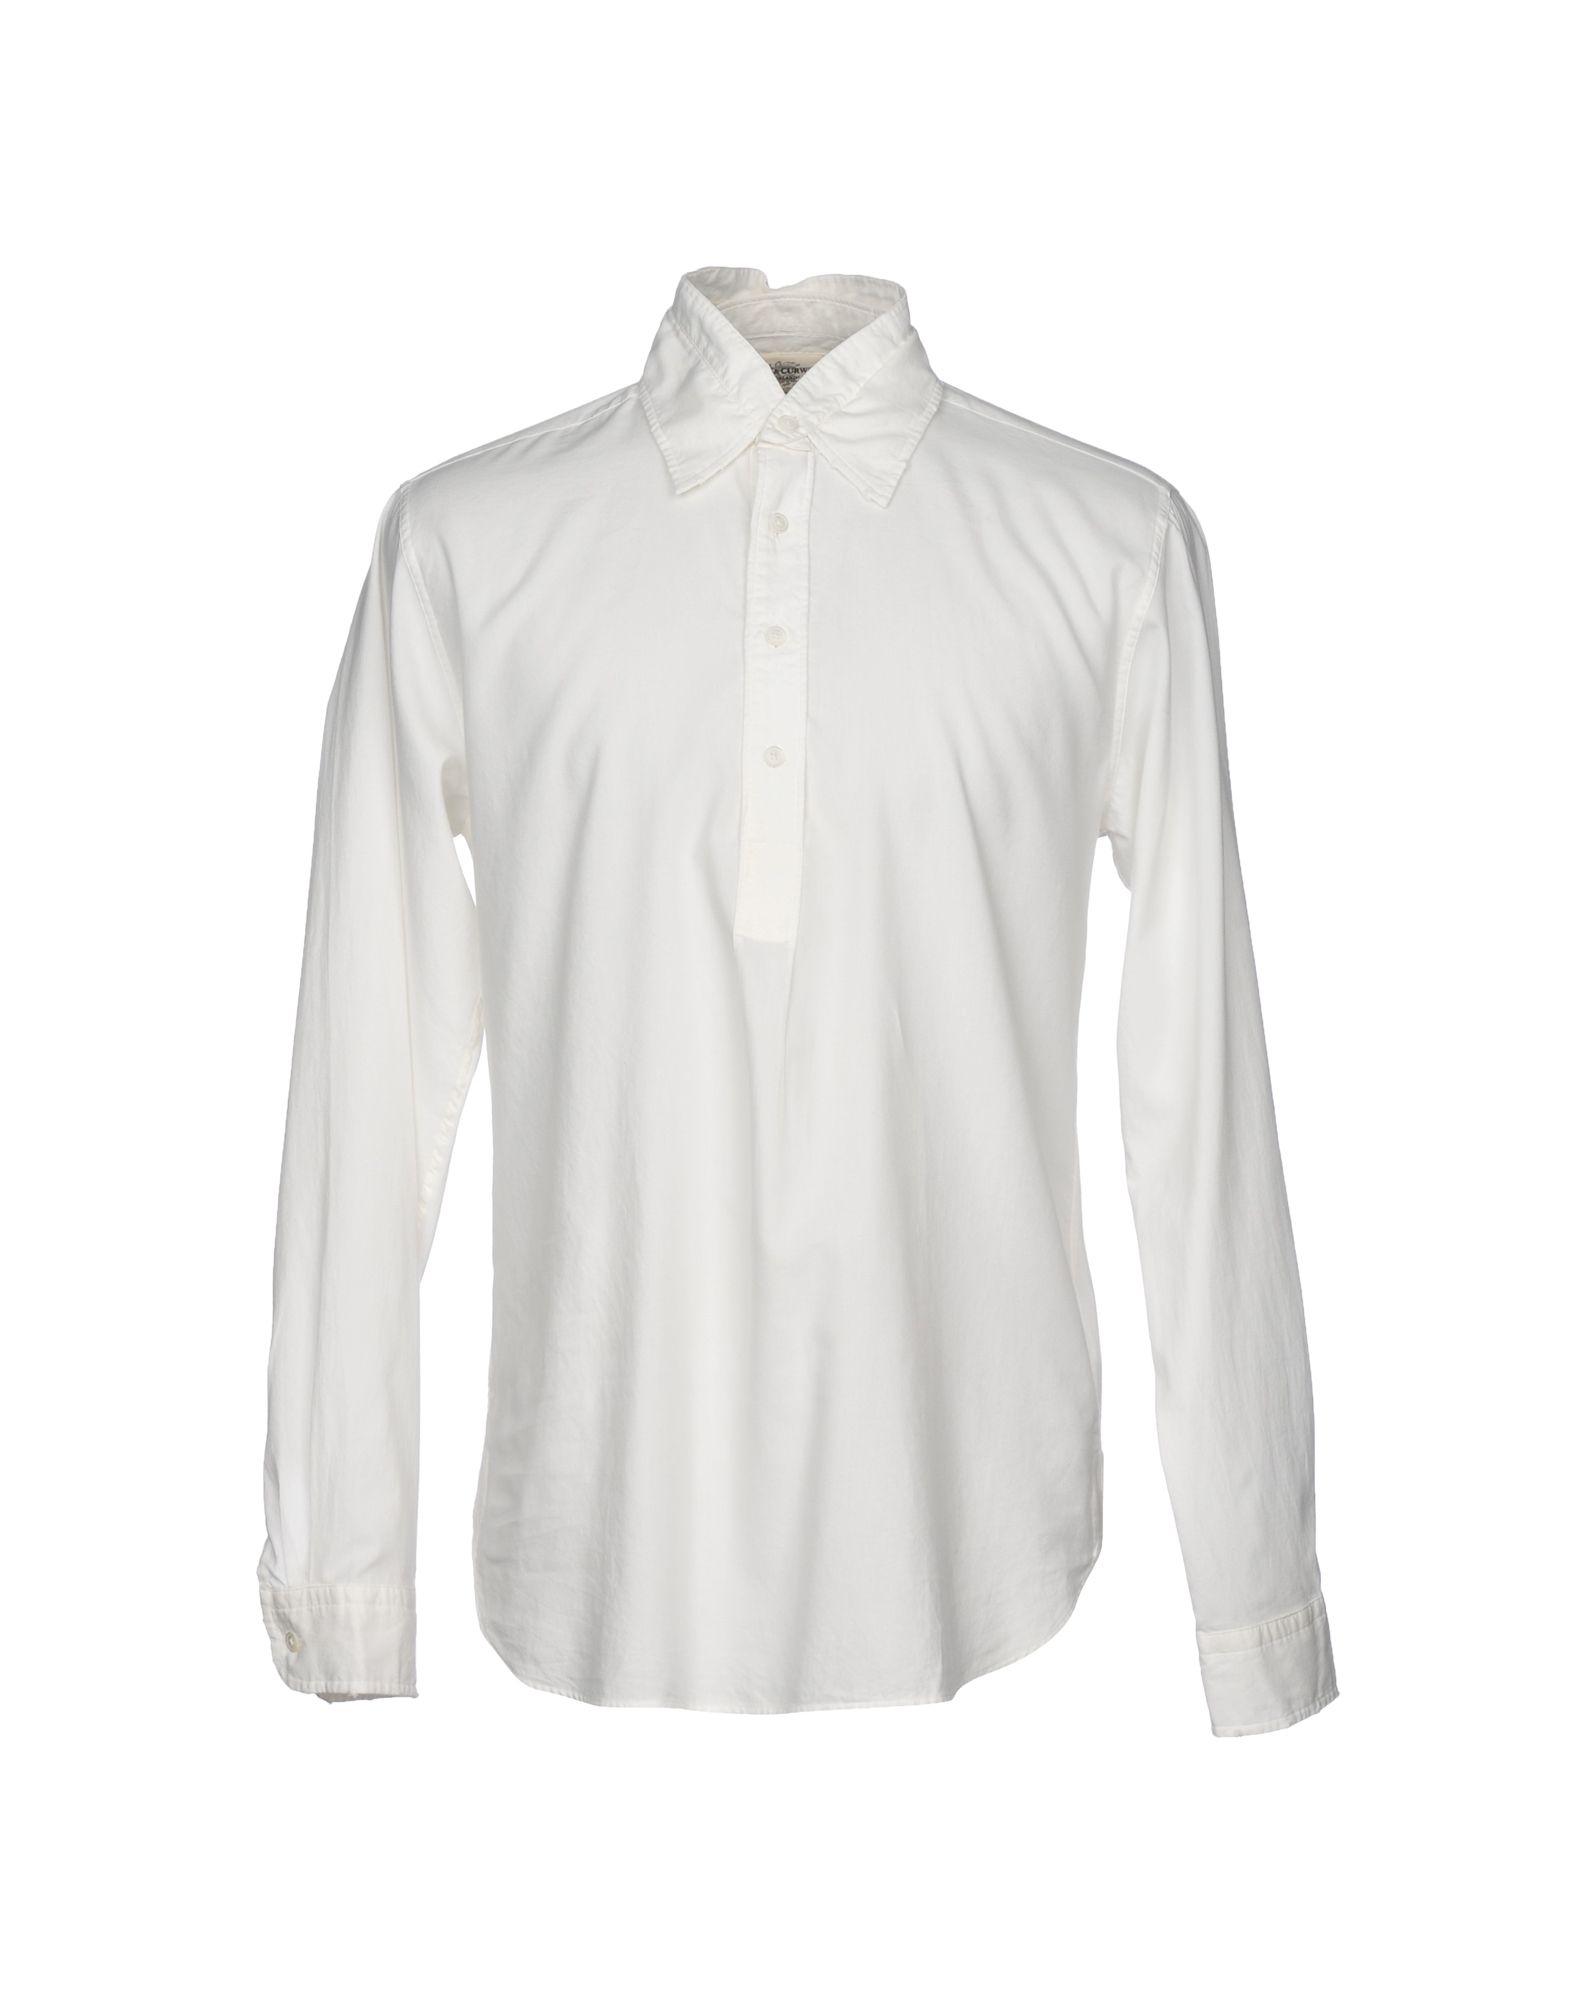 《期間限定セール中》KENT & CURWEN メンズ シャツ ホワイト L コットン 100%